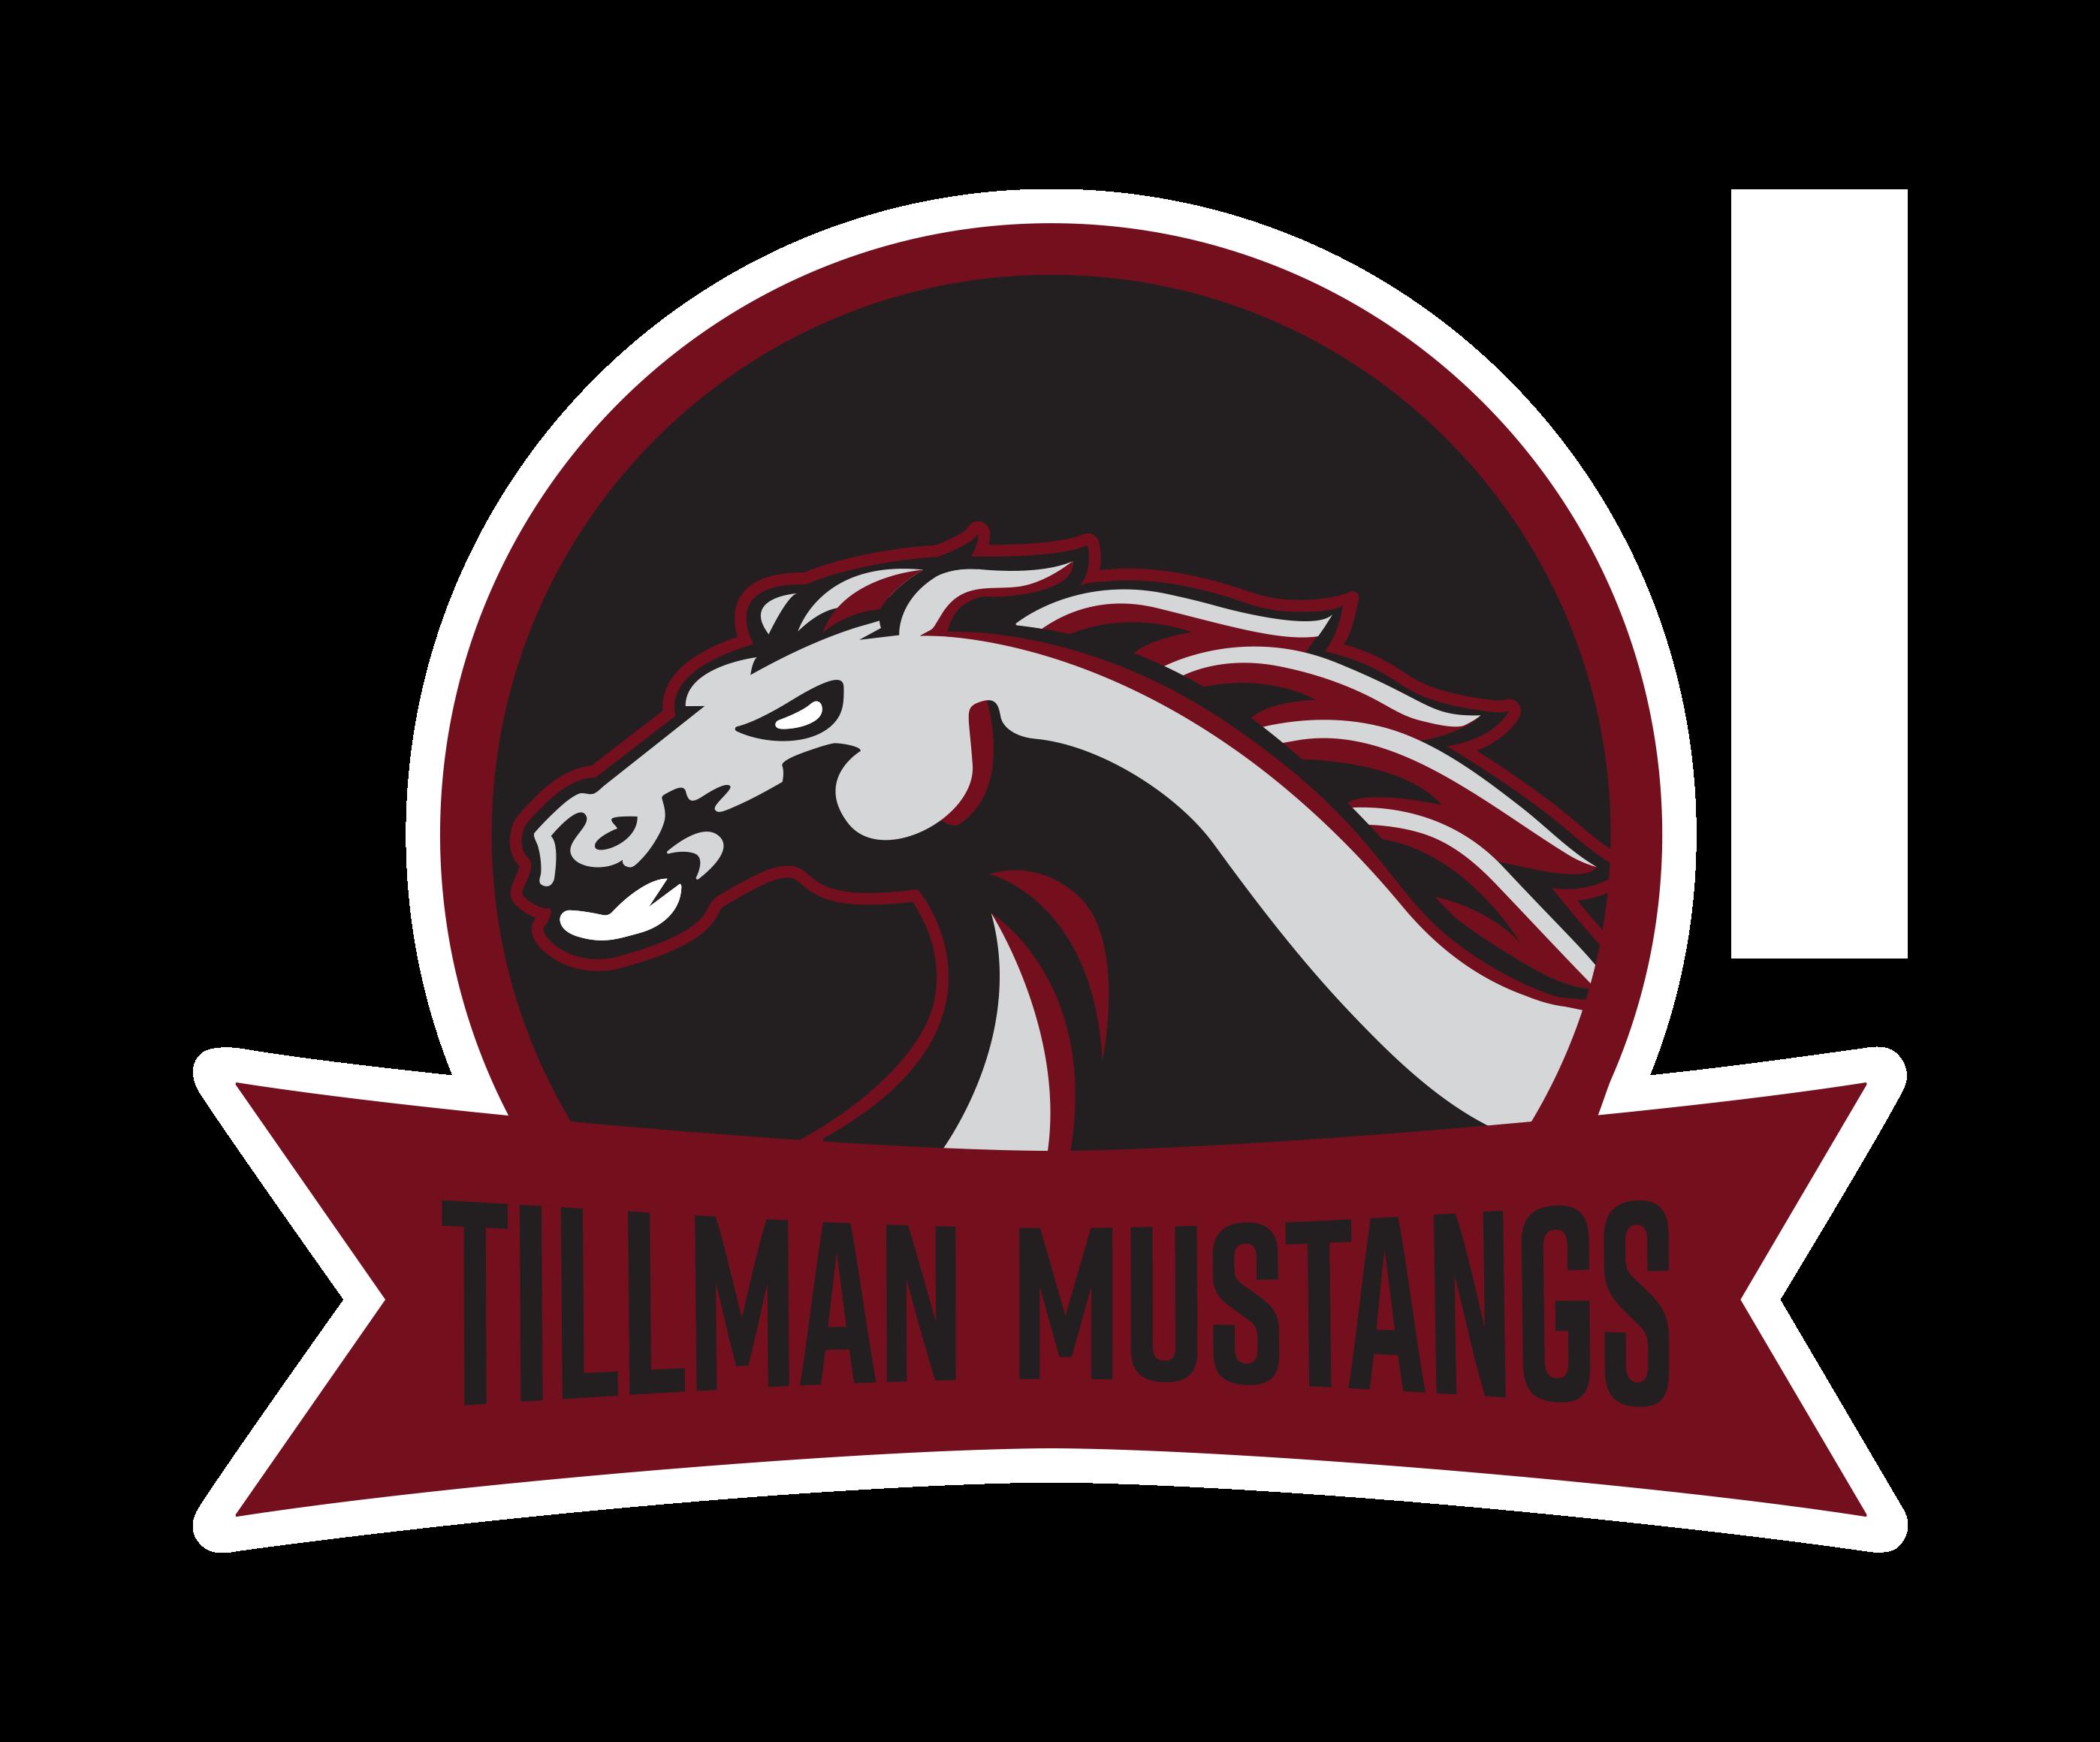 Tillman mustangs spaltillmanmustangsrevfpng. Wildcat clipart maroon